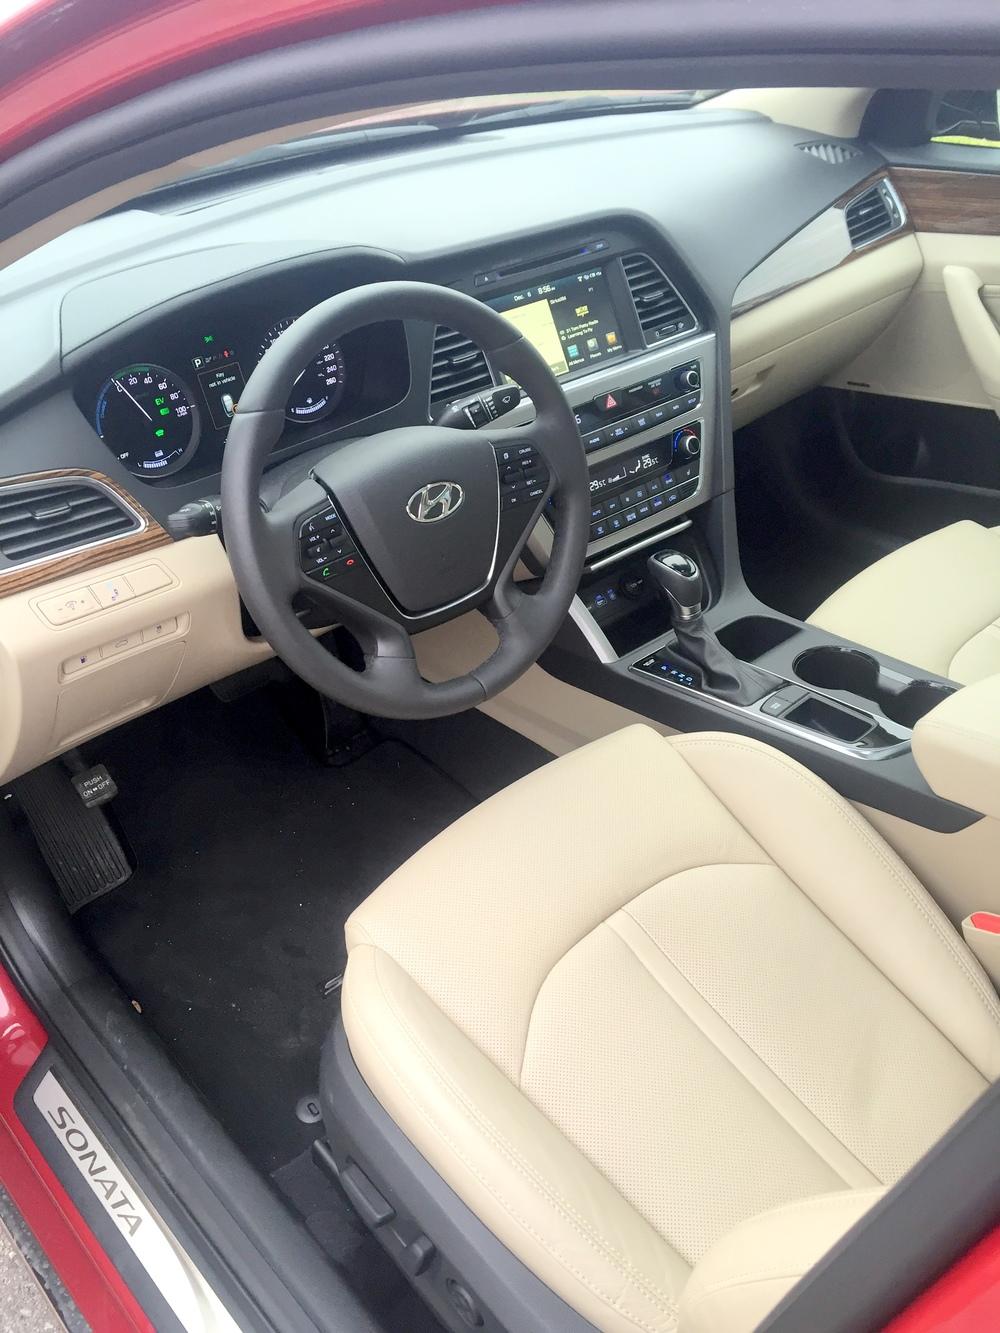 2016 Hyundai Sonata Hybrid(11).JPG